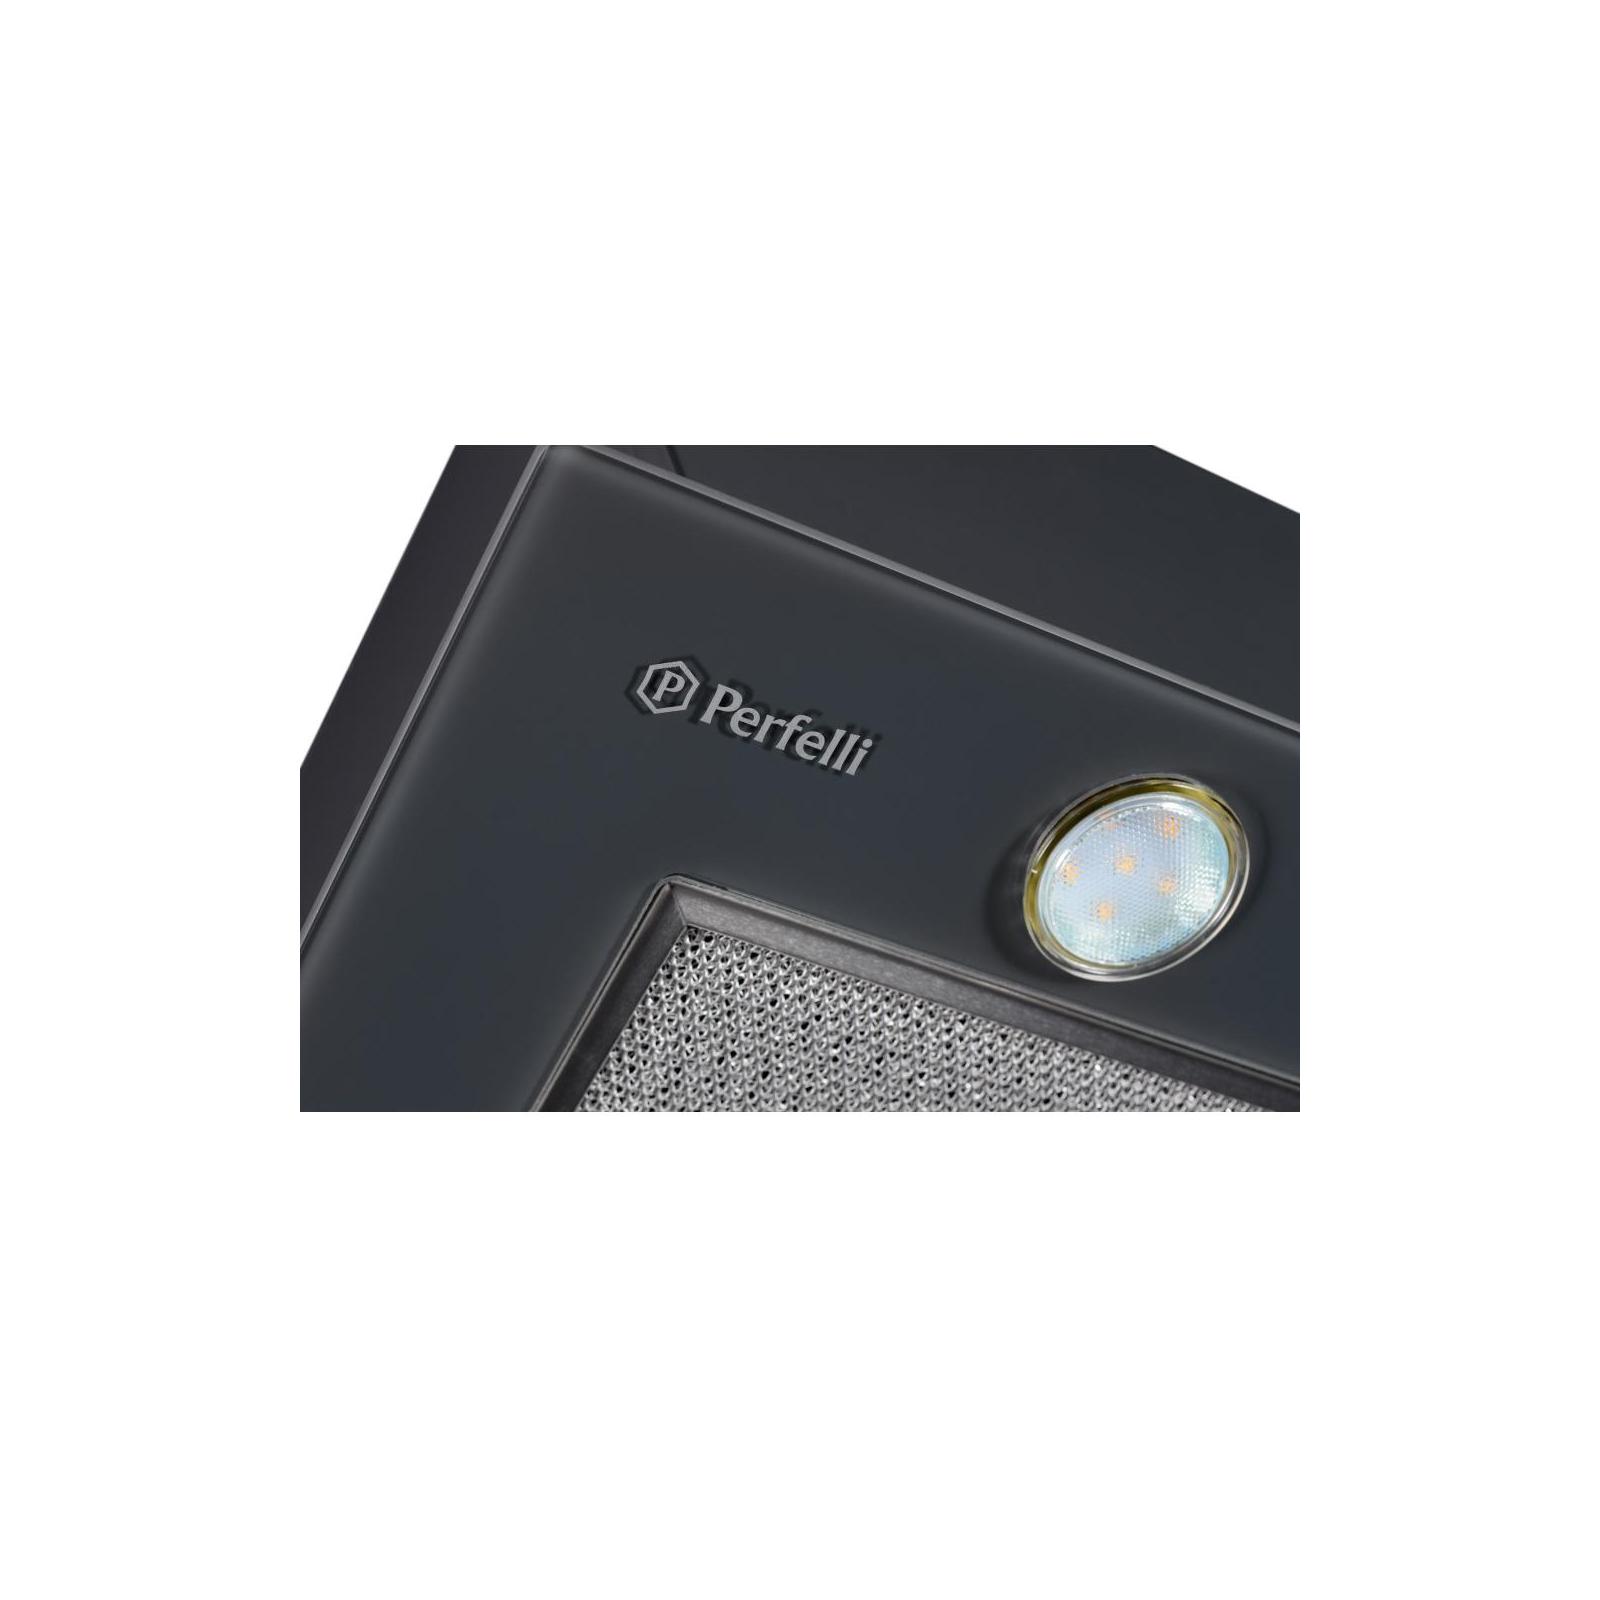 Вытяжка кухонная PERFELLI BI 6562 A 1000 GF LED GLASS изображение 5